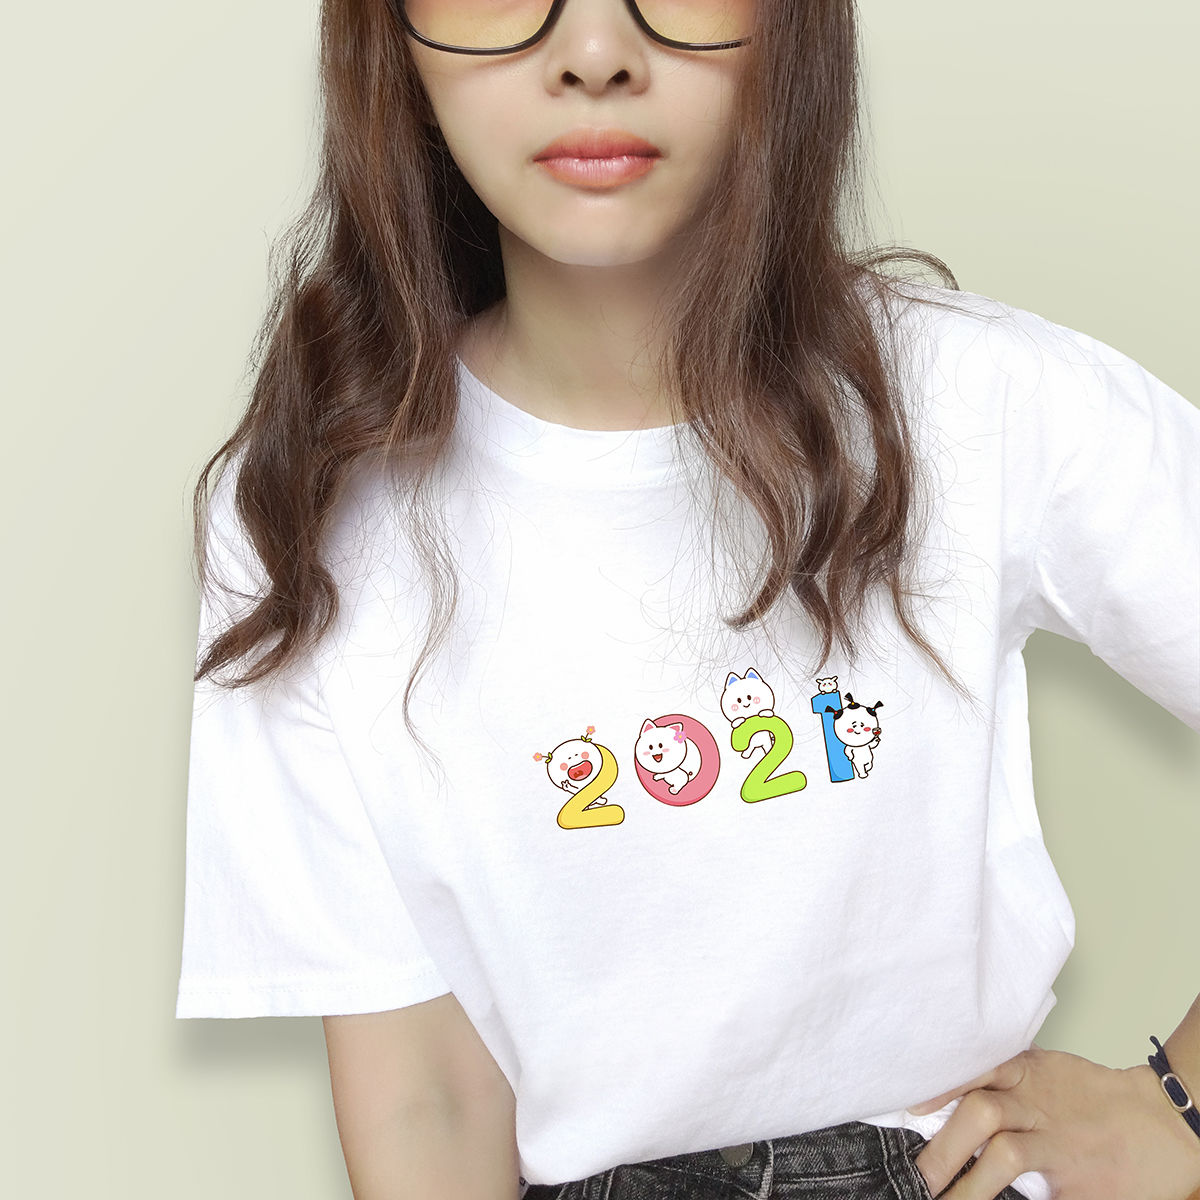 100%纯棉短袖t恤女装白色夏季新款上衣体恤宽松韩版半袖百搭时尚